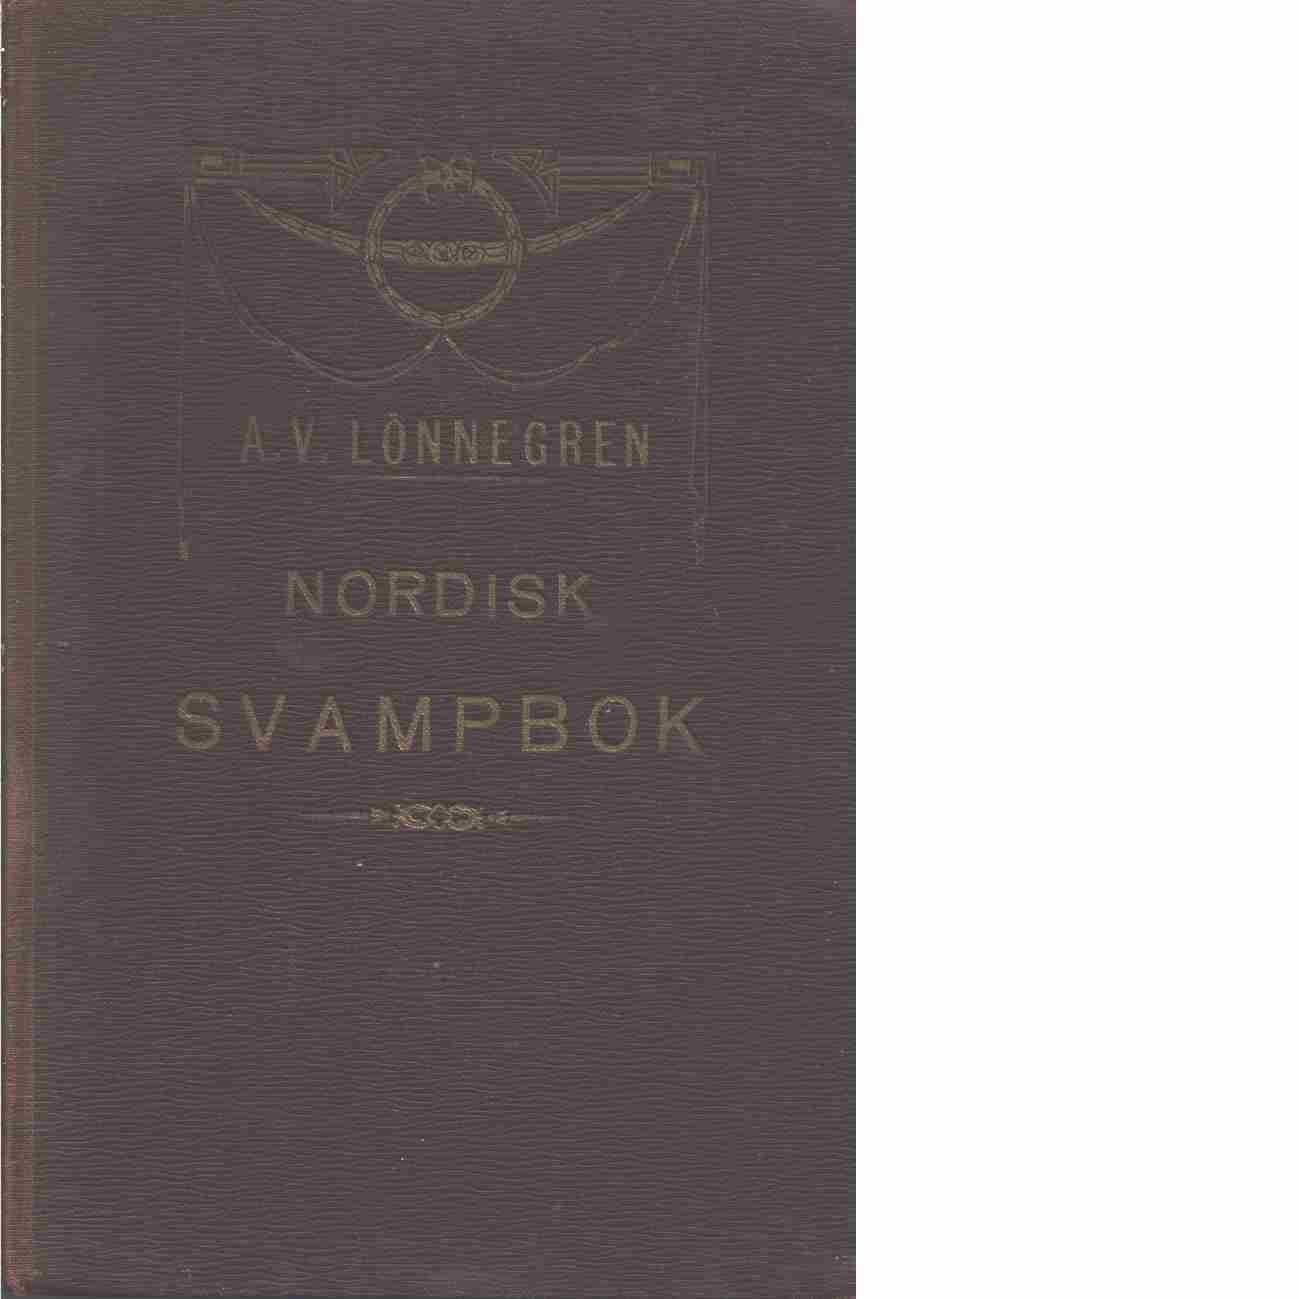 Nordisk svampbok - Lönnegren, A. V.